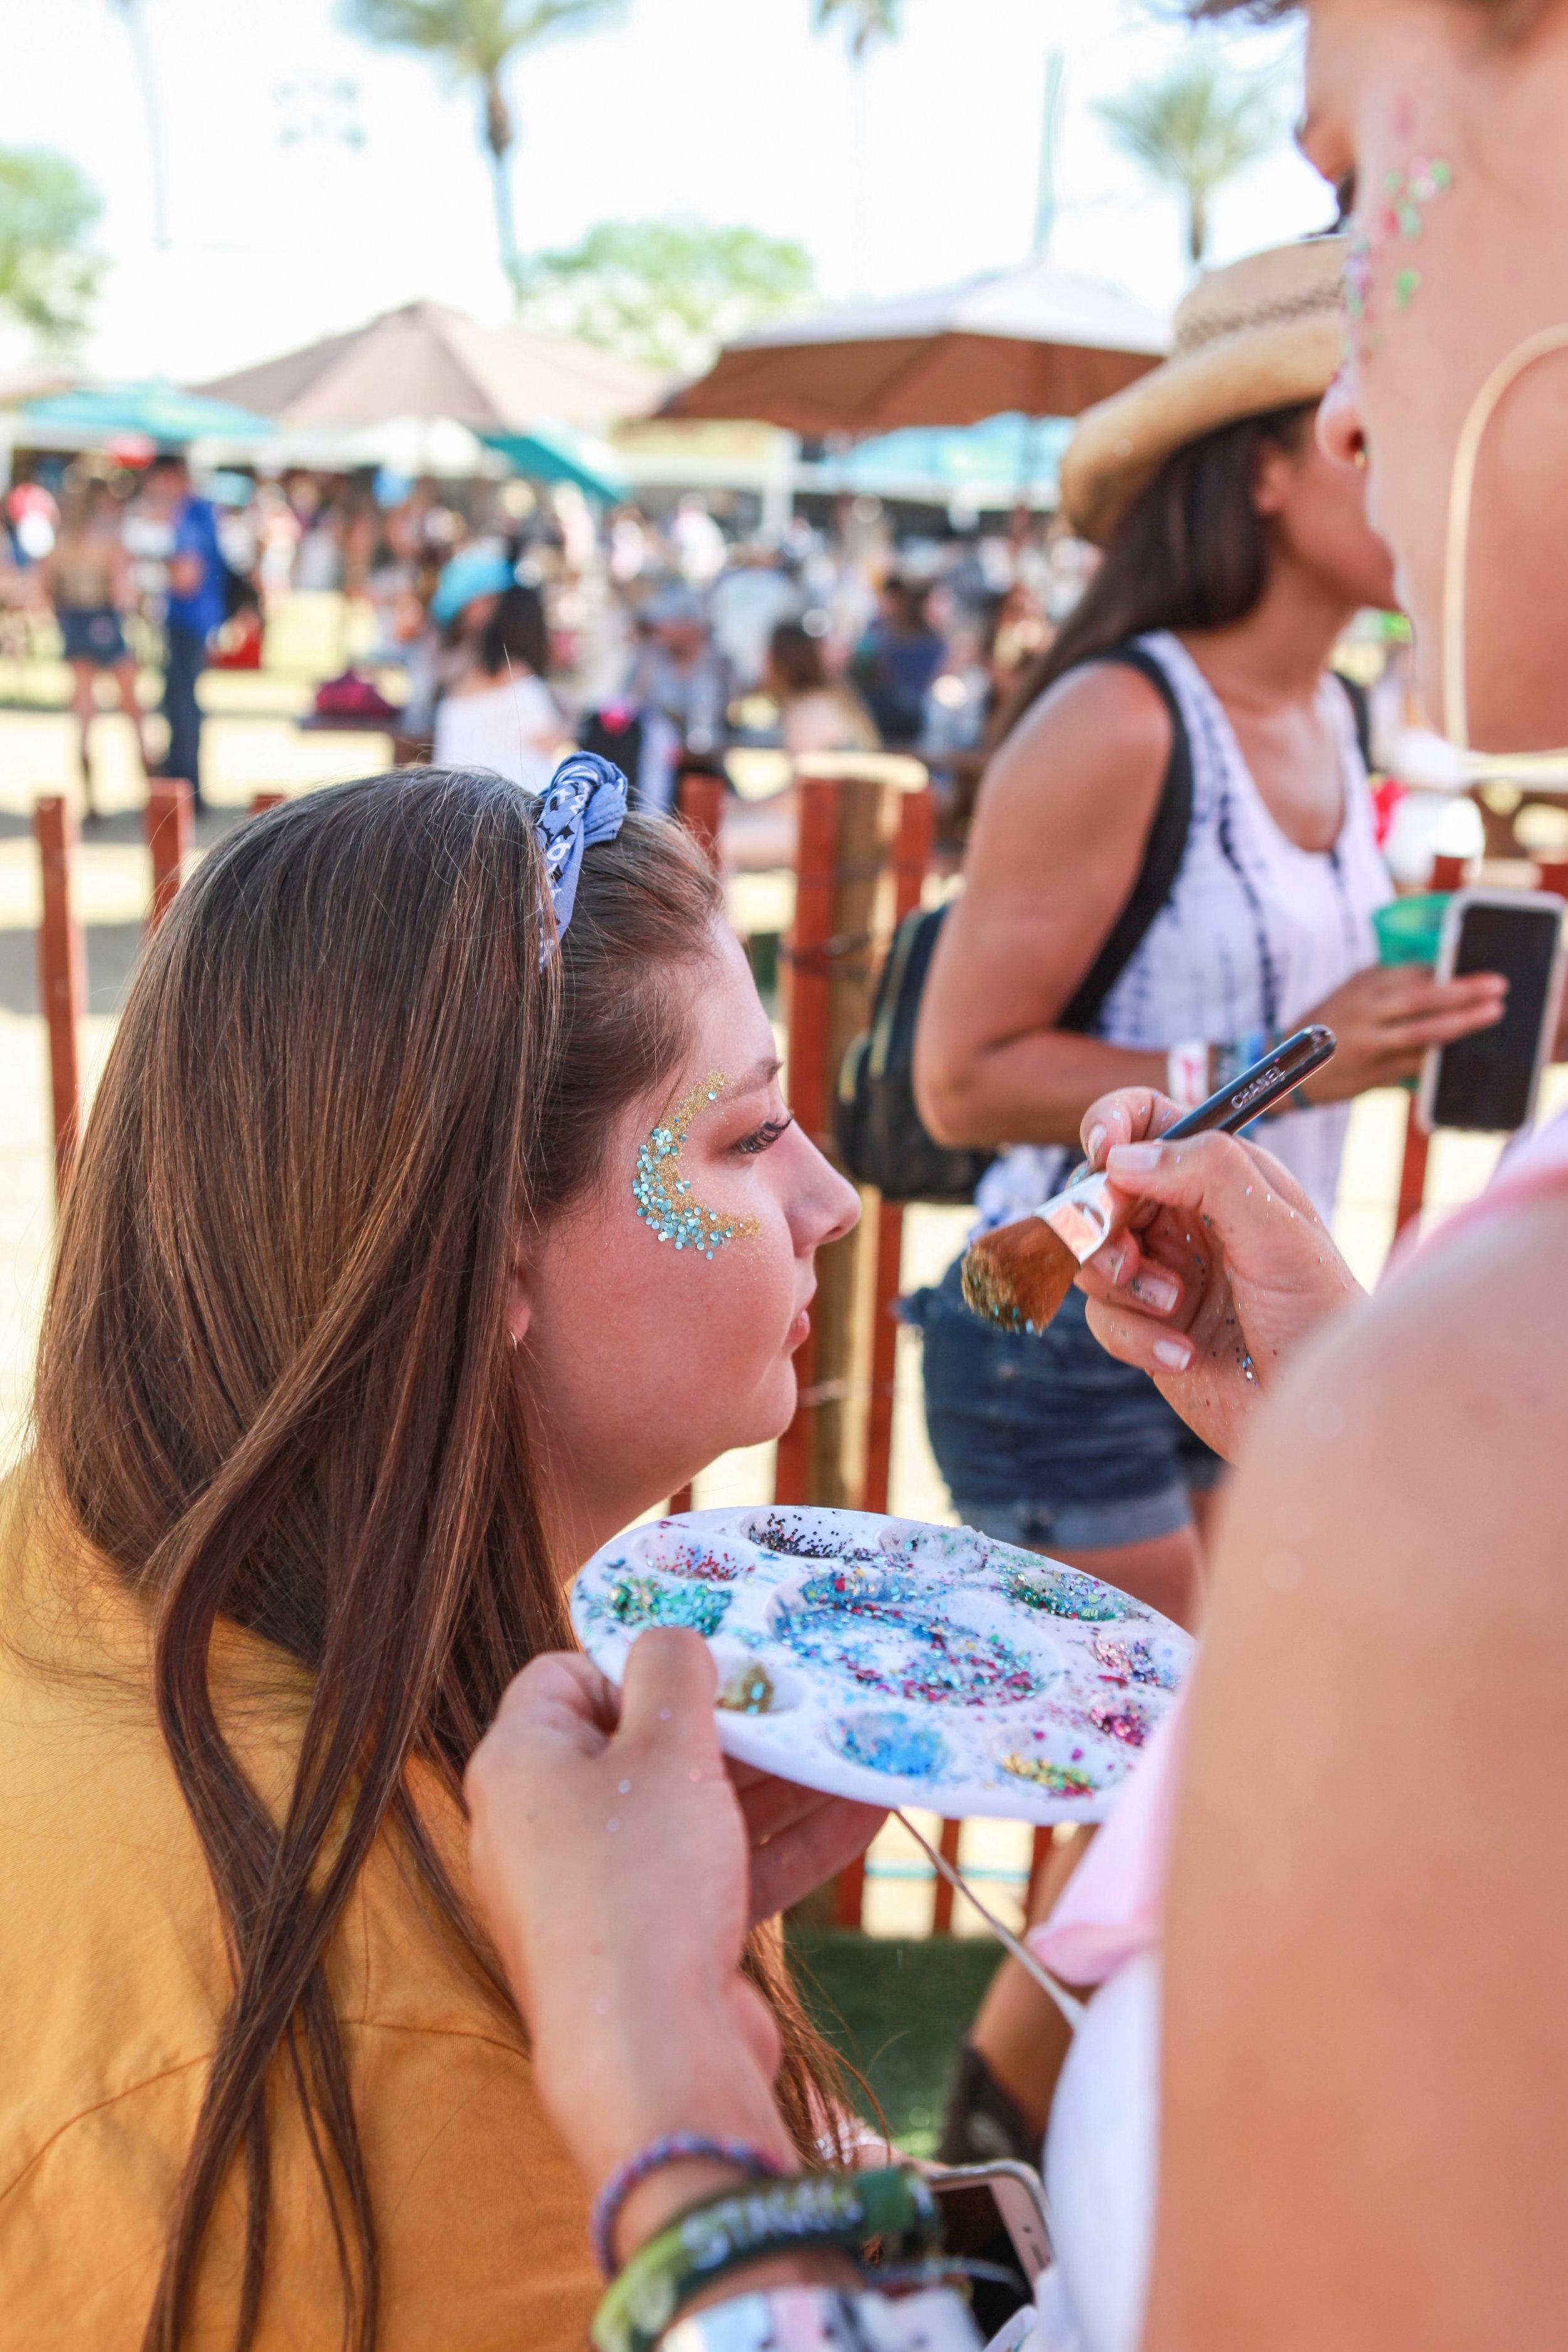 OHelloMedia-Malibu@StagecoachFestival04.26-TopSelect-8785.jpg